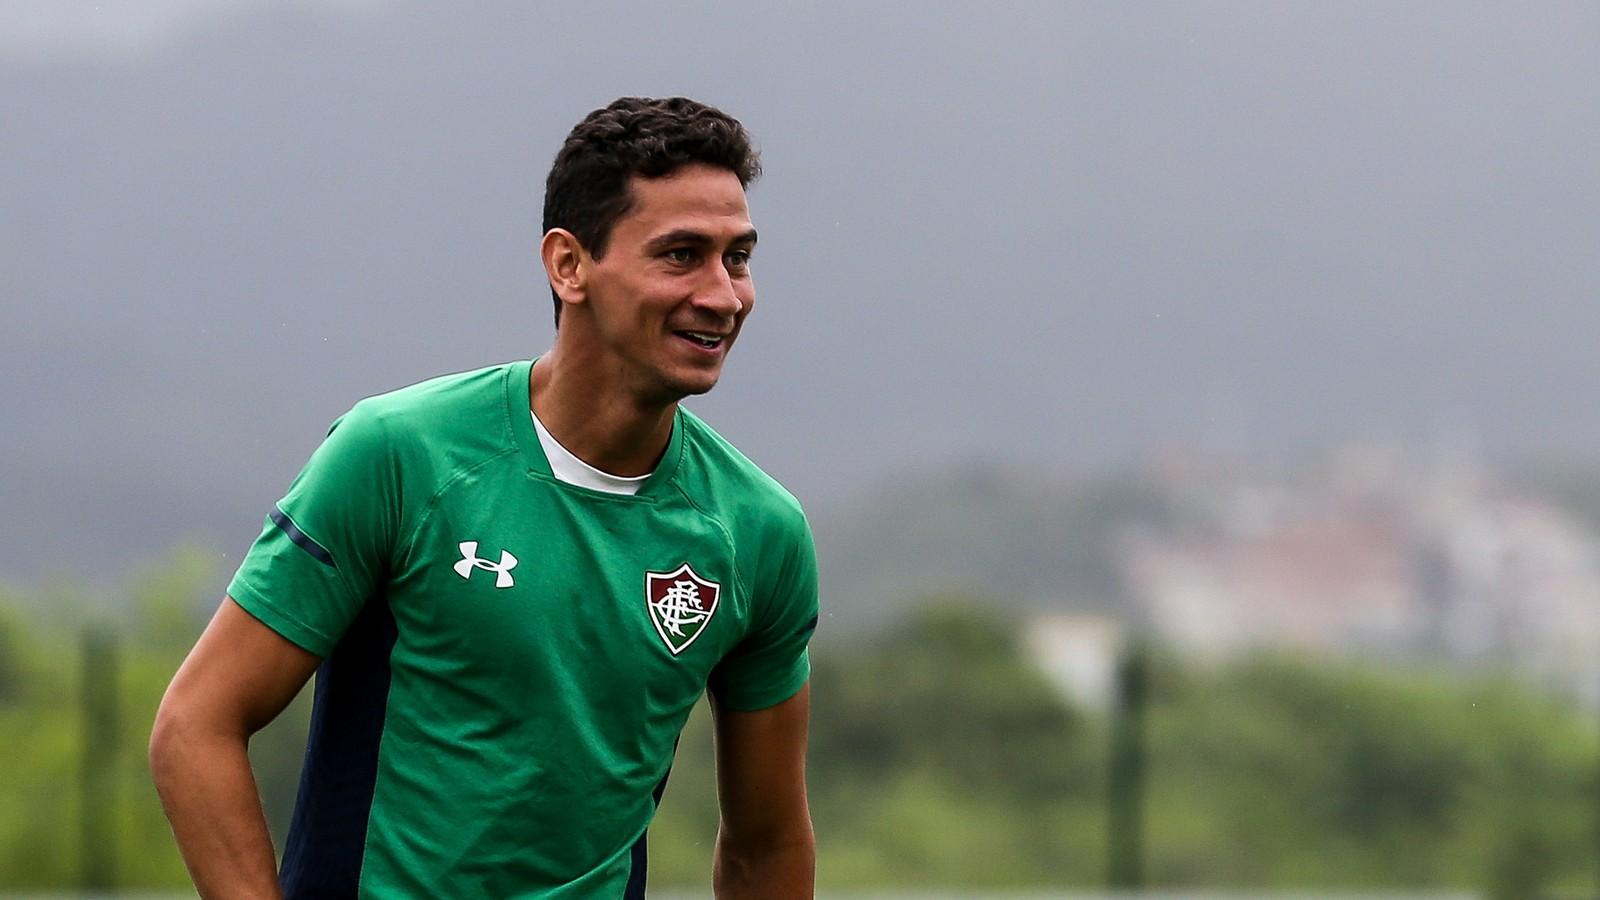 Fluminense confirma estreia de Ganso para sexta, no Maracanã